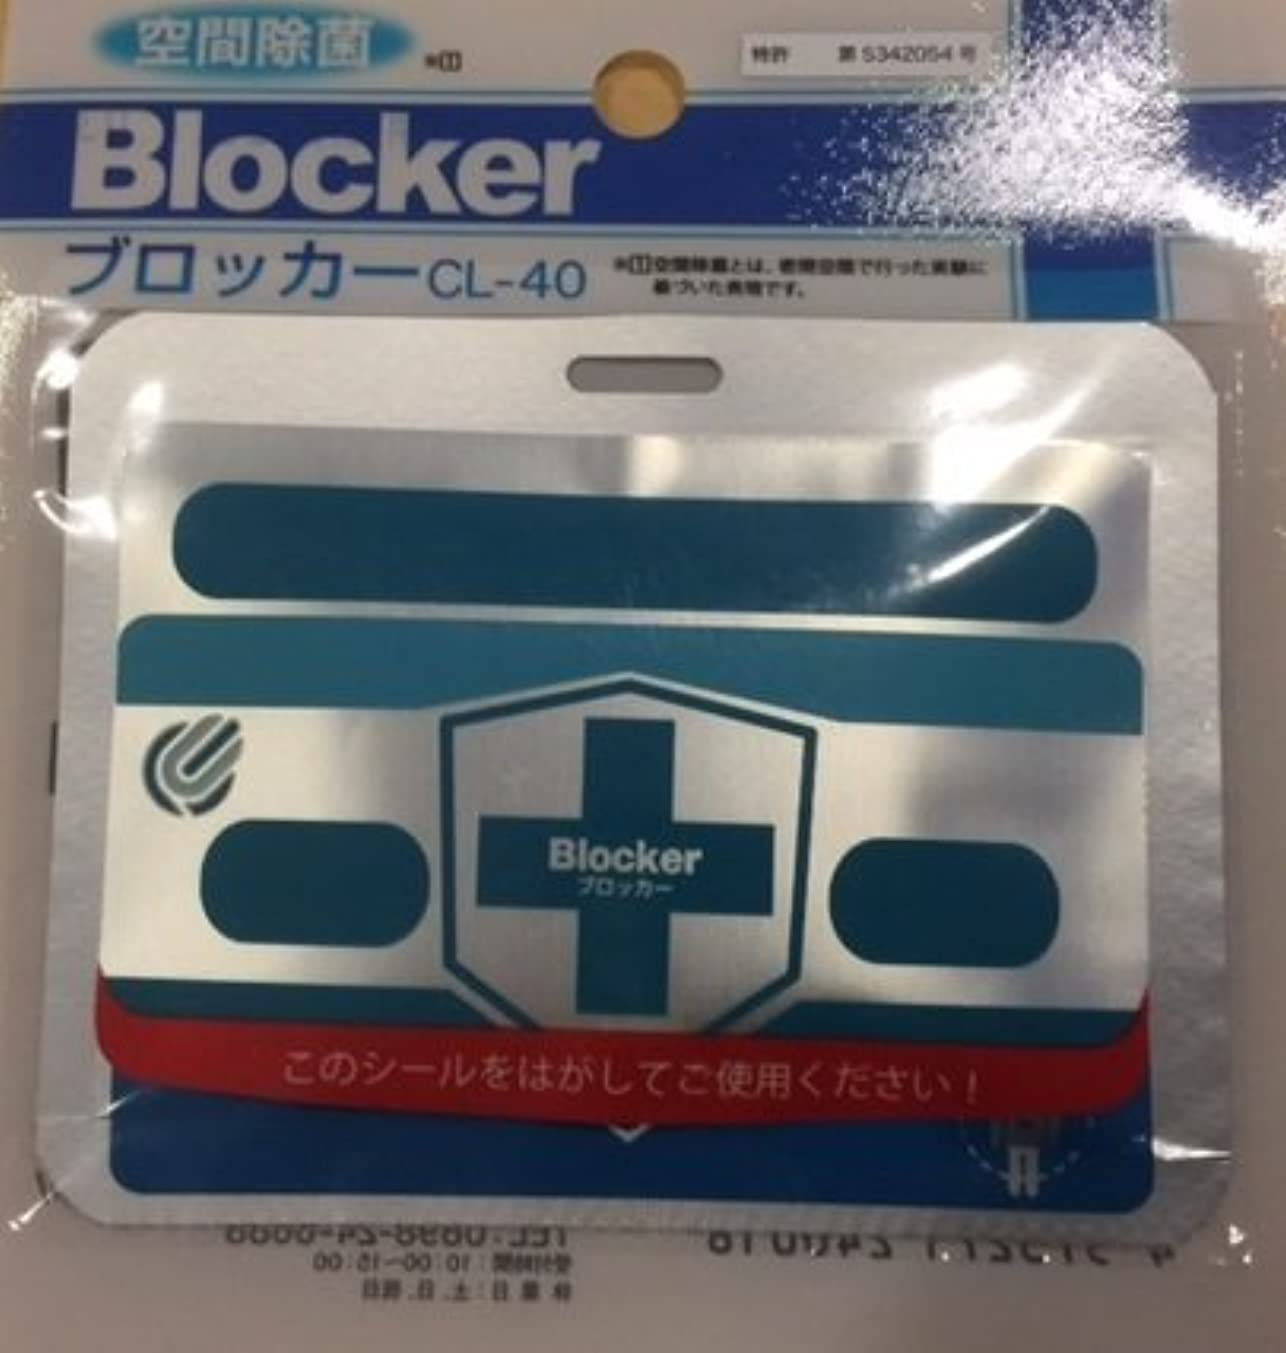 病気の取り消す符号空間除菌 ウイルスブロッカー cl-40 10個セット